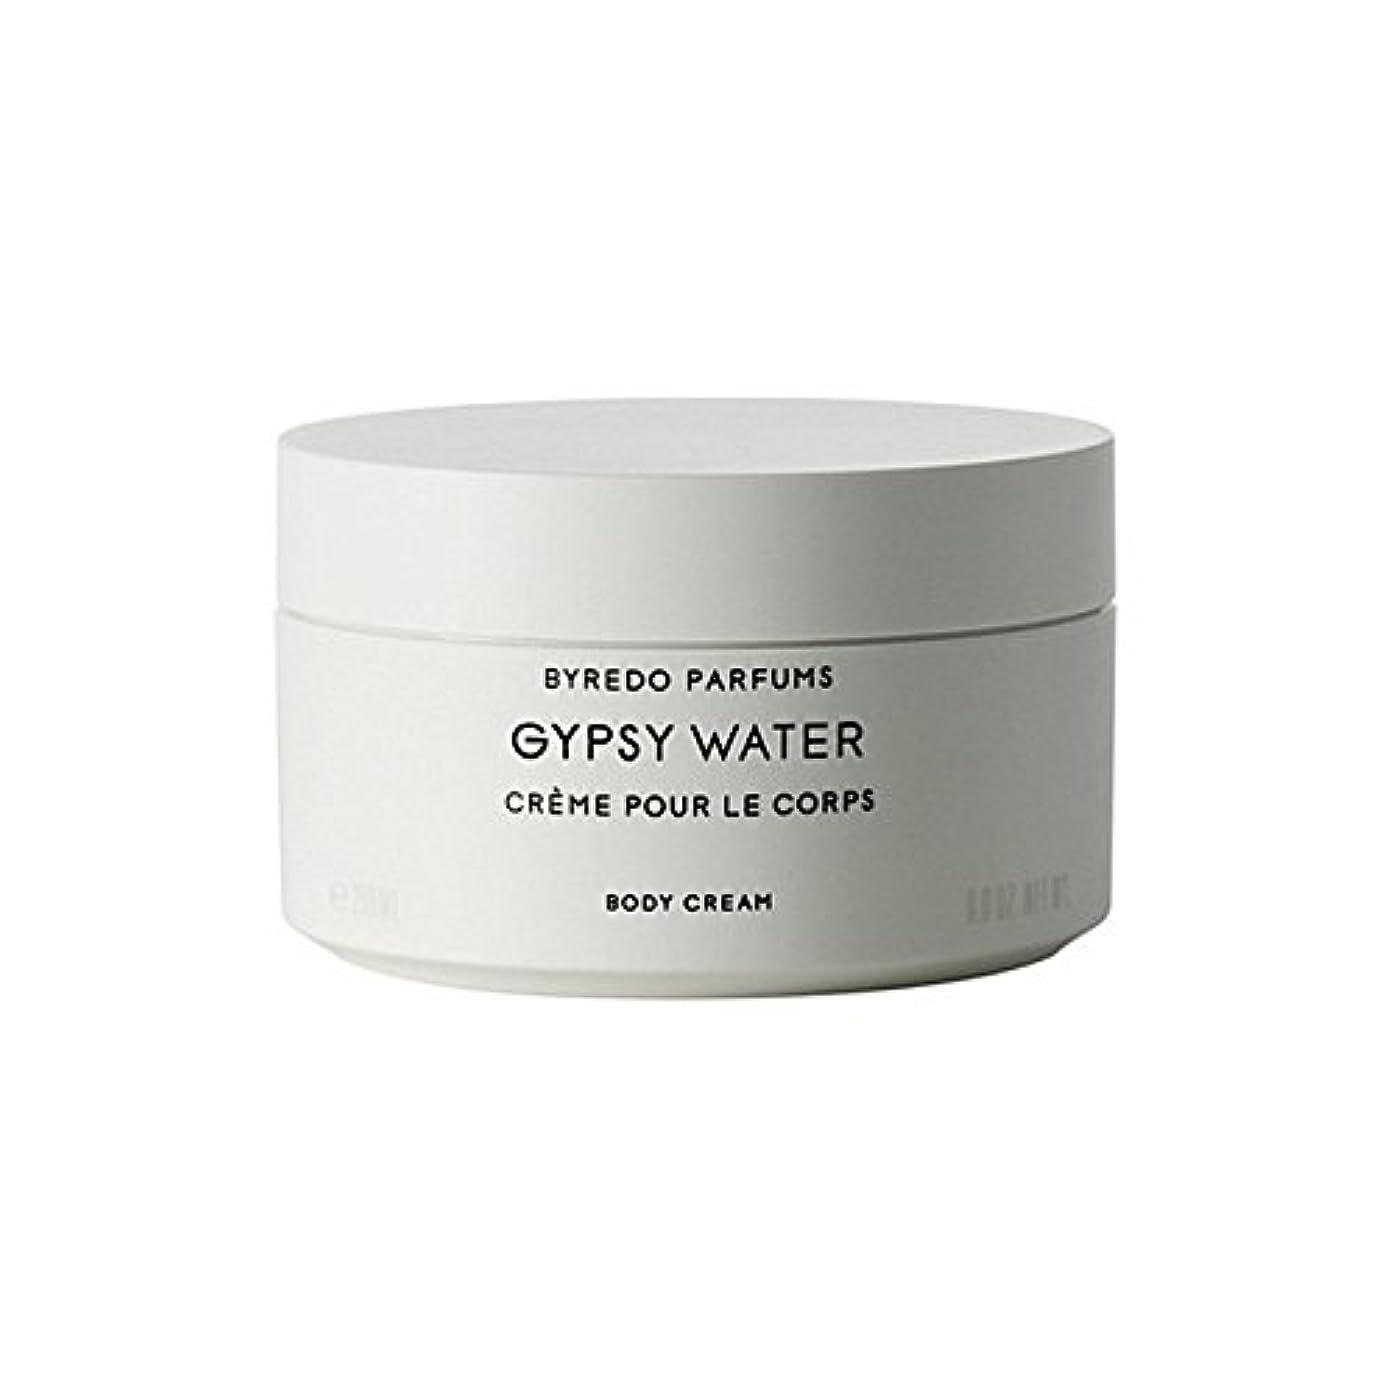 寄稿者懐疑論白雪姫ジプシー水ボディクリーム200ミリリットル x4 - Byredo Gypsy Water Body Cream 200ml (Pack of 4) [並行輸入品]